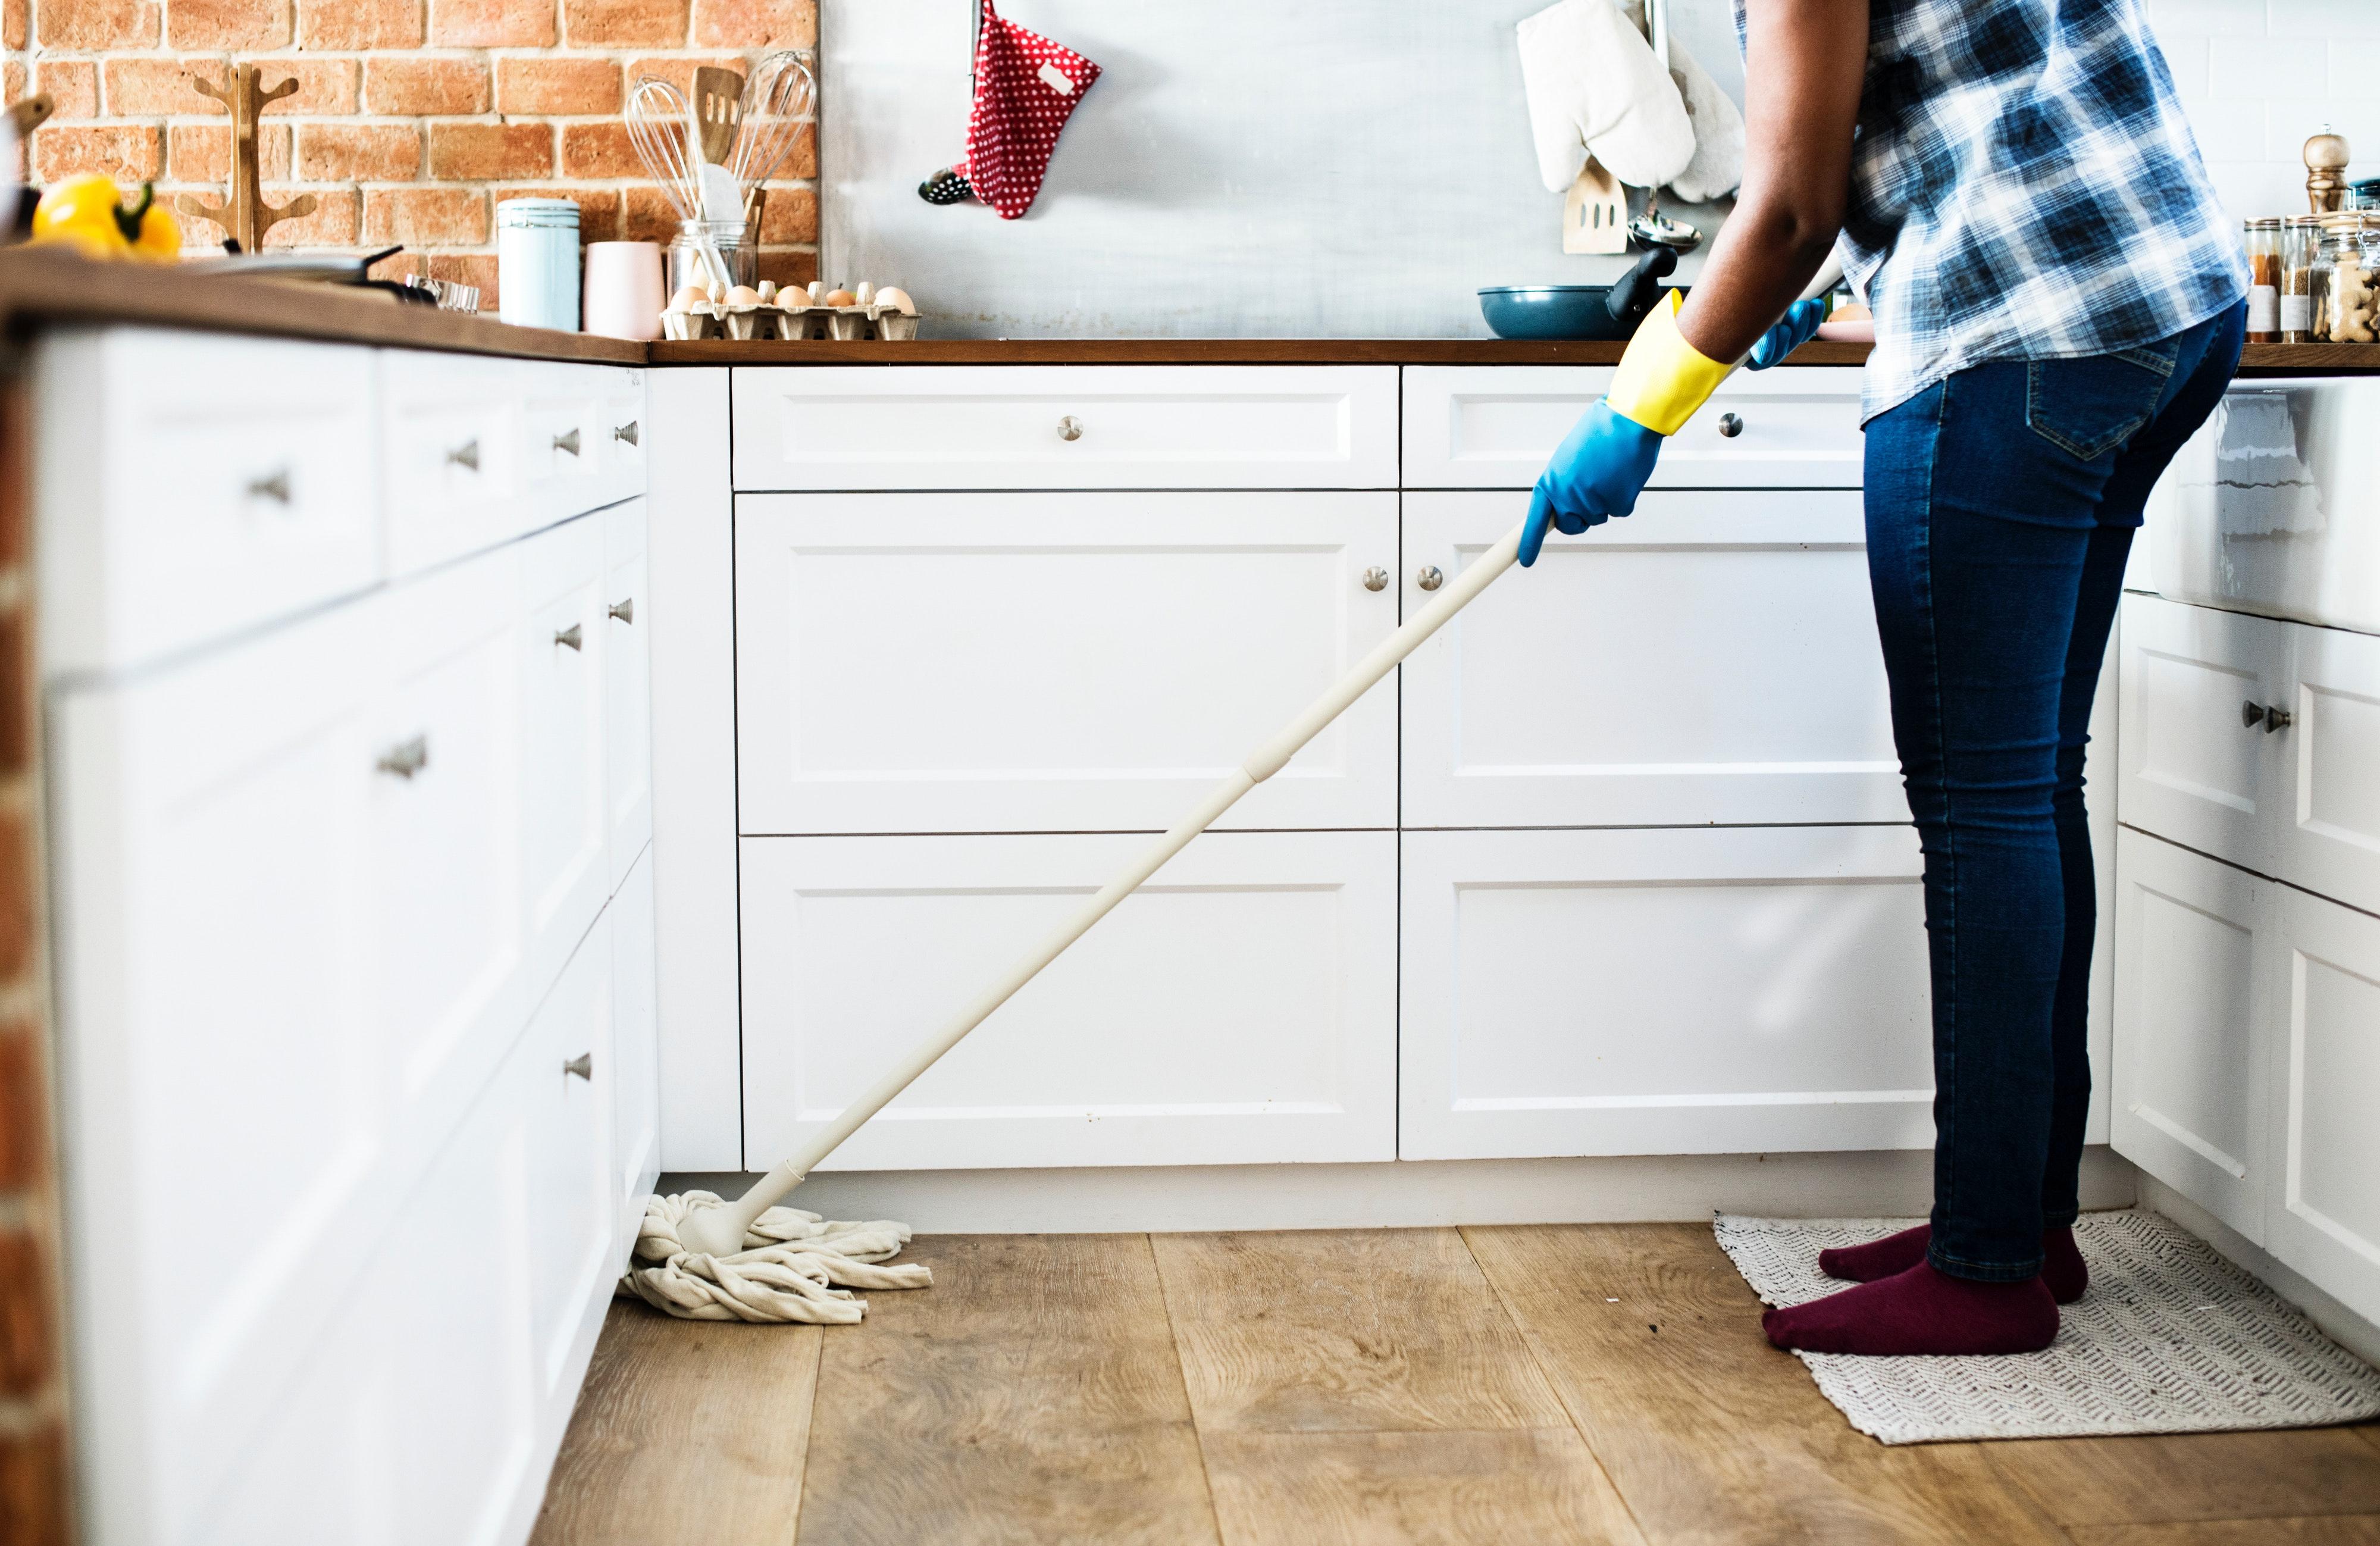 Почистете дома си. Няма нищо по-лошо от започване на работната седмицата с разхвърляна къща! Понеделник вечер след работа не е най-добрият вариант за пране и почистване. Затова не отлагайте тази дейност за делниците.